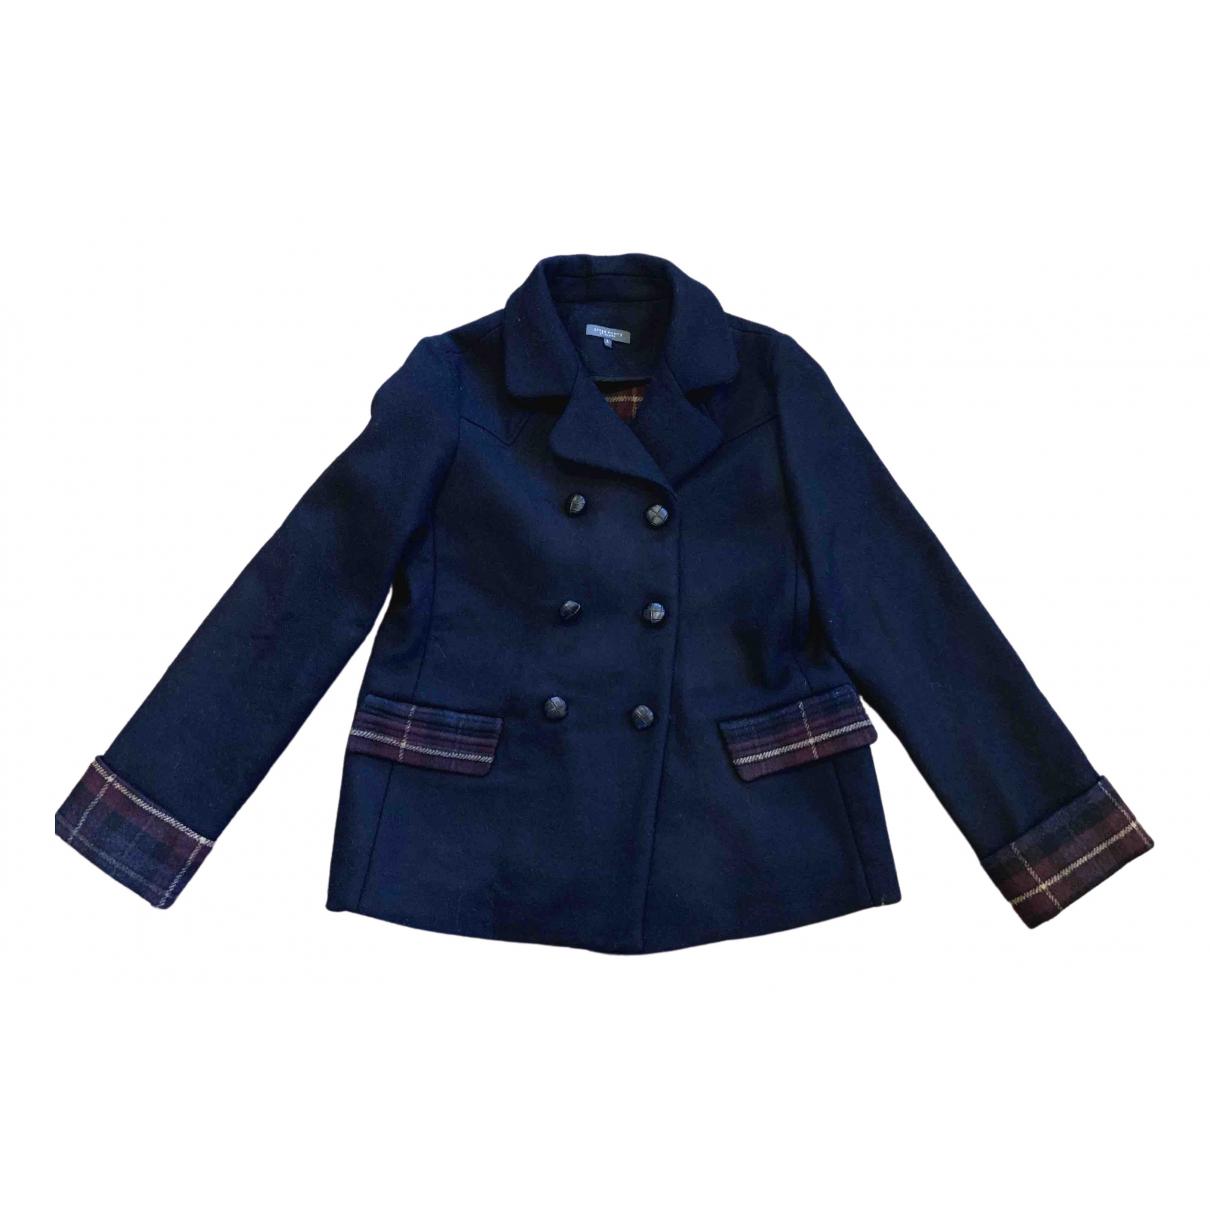 Afterpants - Manteau   pour femme en laine - marine